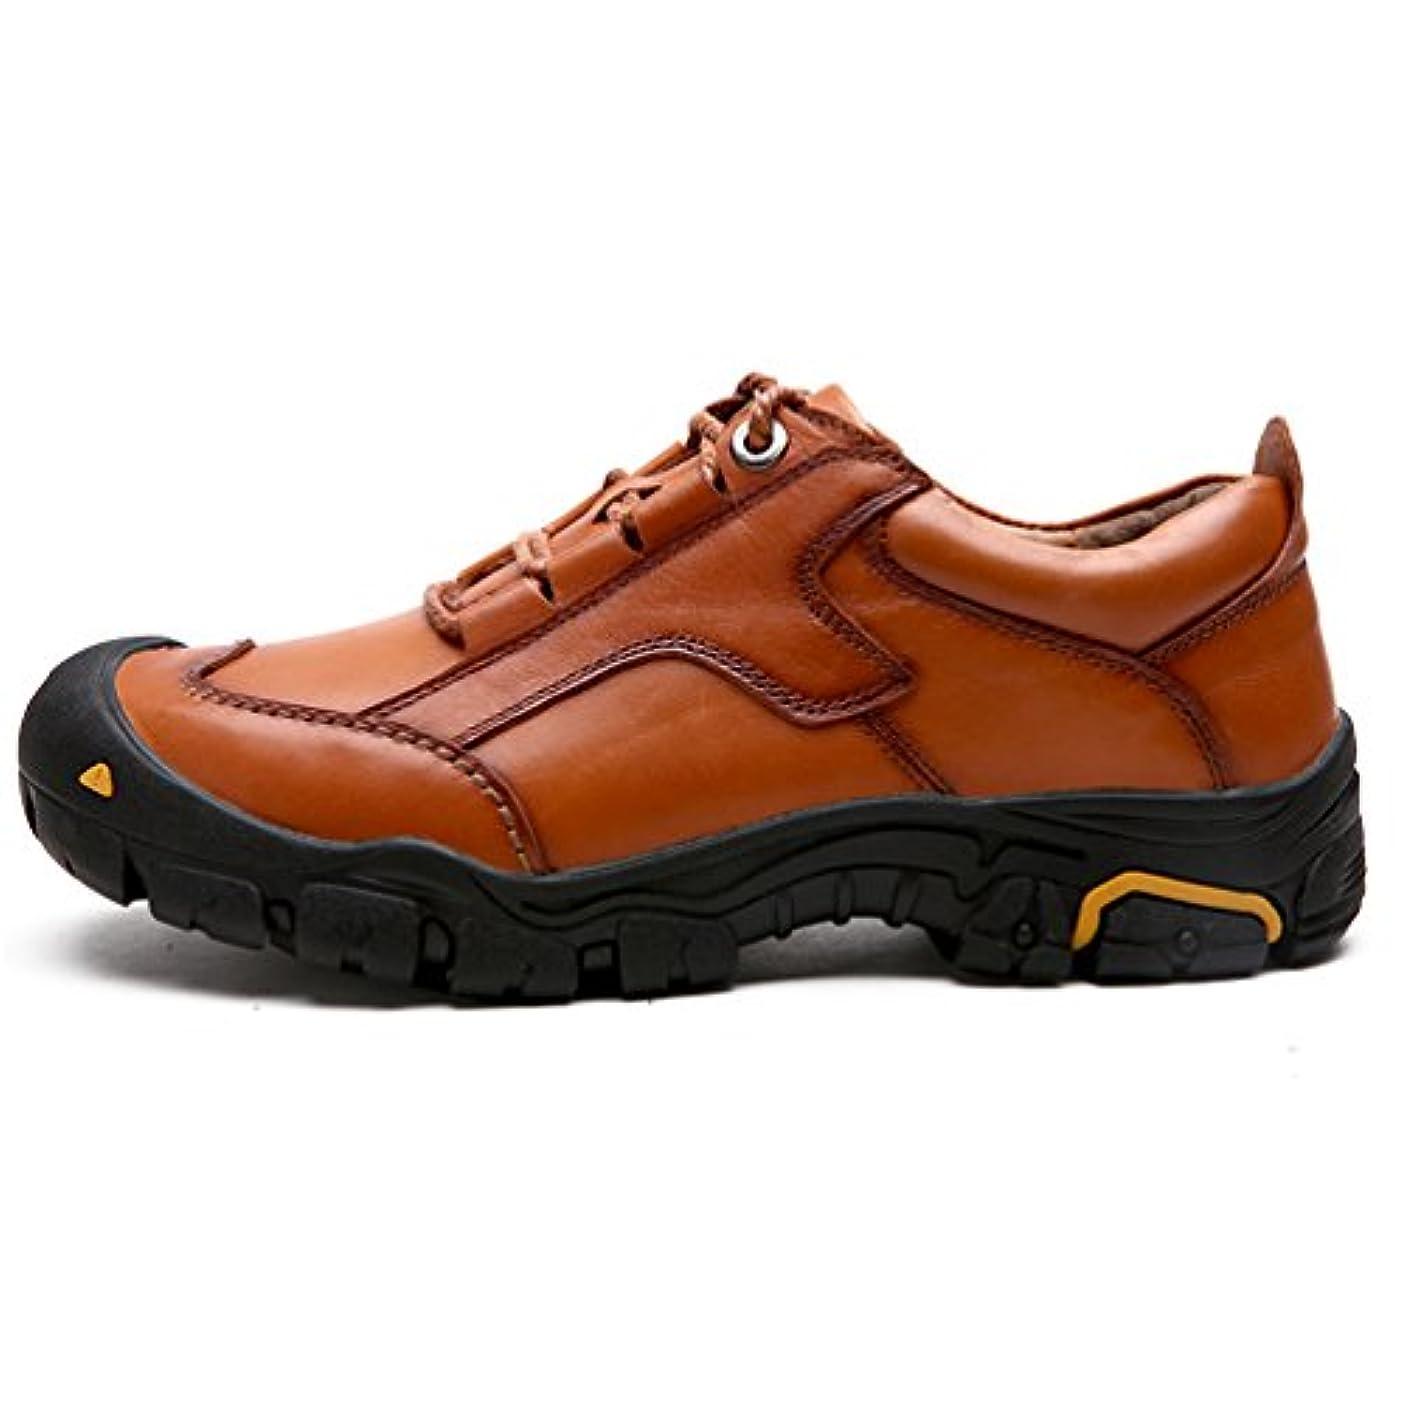 聖職者ストライク学習者[シェリーラヴ] トレッキングシューズ 登山靴 メンズ 軽量 防水 カジュアル  スポーツ 透湿防水 紳士靴 靴 シューズ ハイキング用品